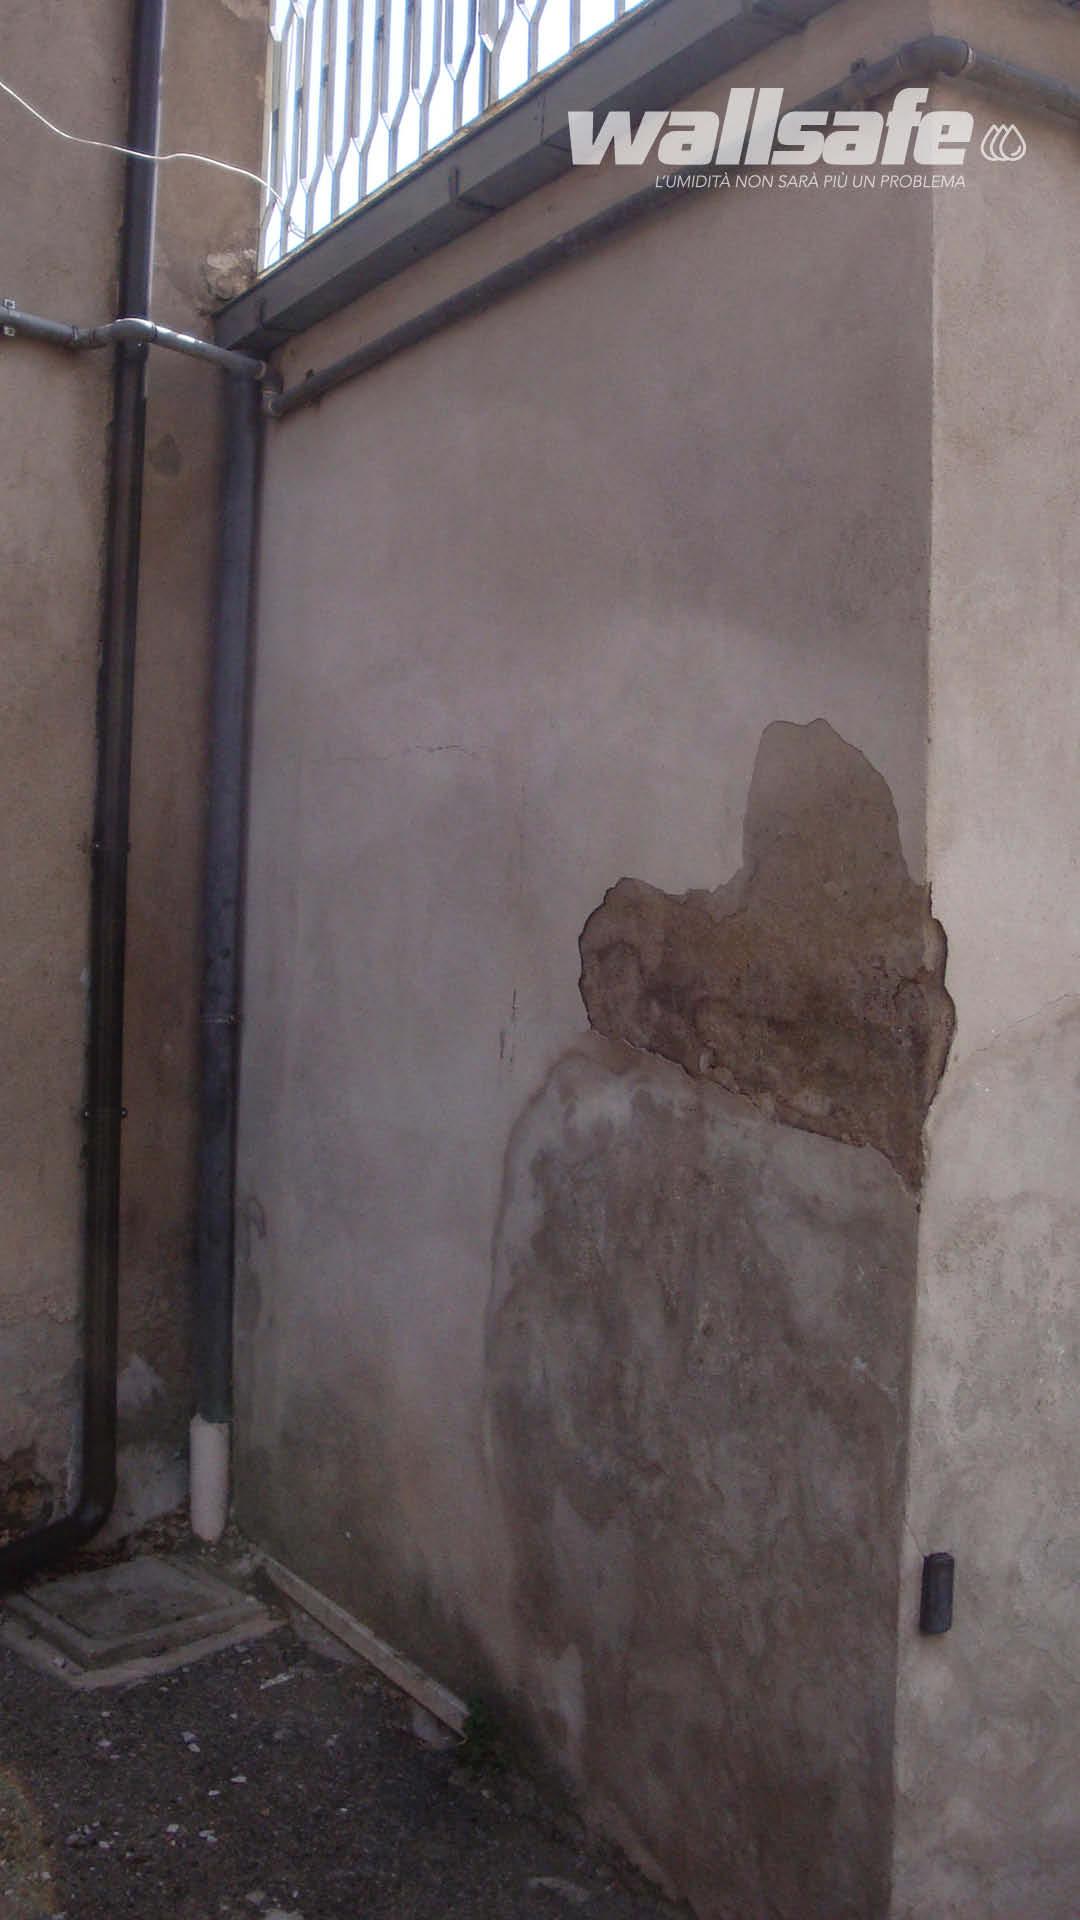 Muro Bagnato Cosa Fare umidità nei muri di un centro estetico? no grazie! - wall safe